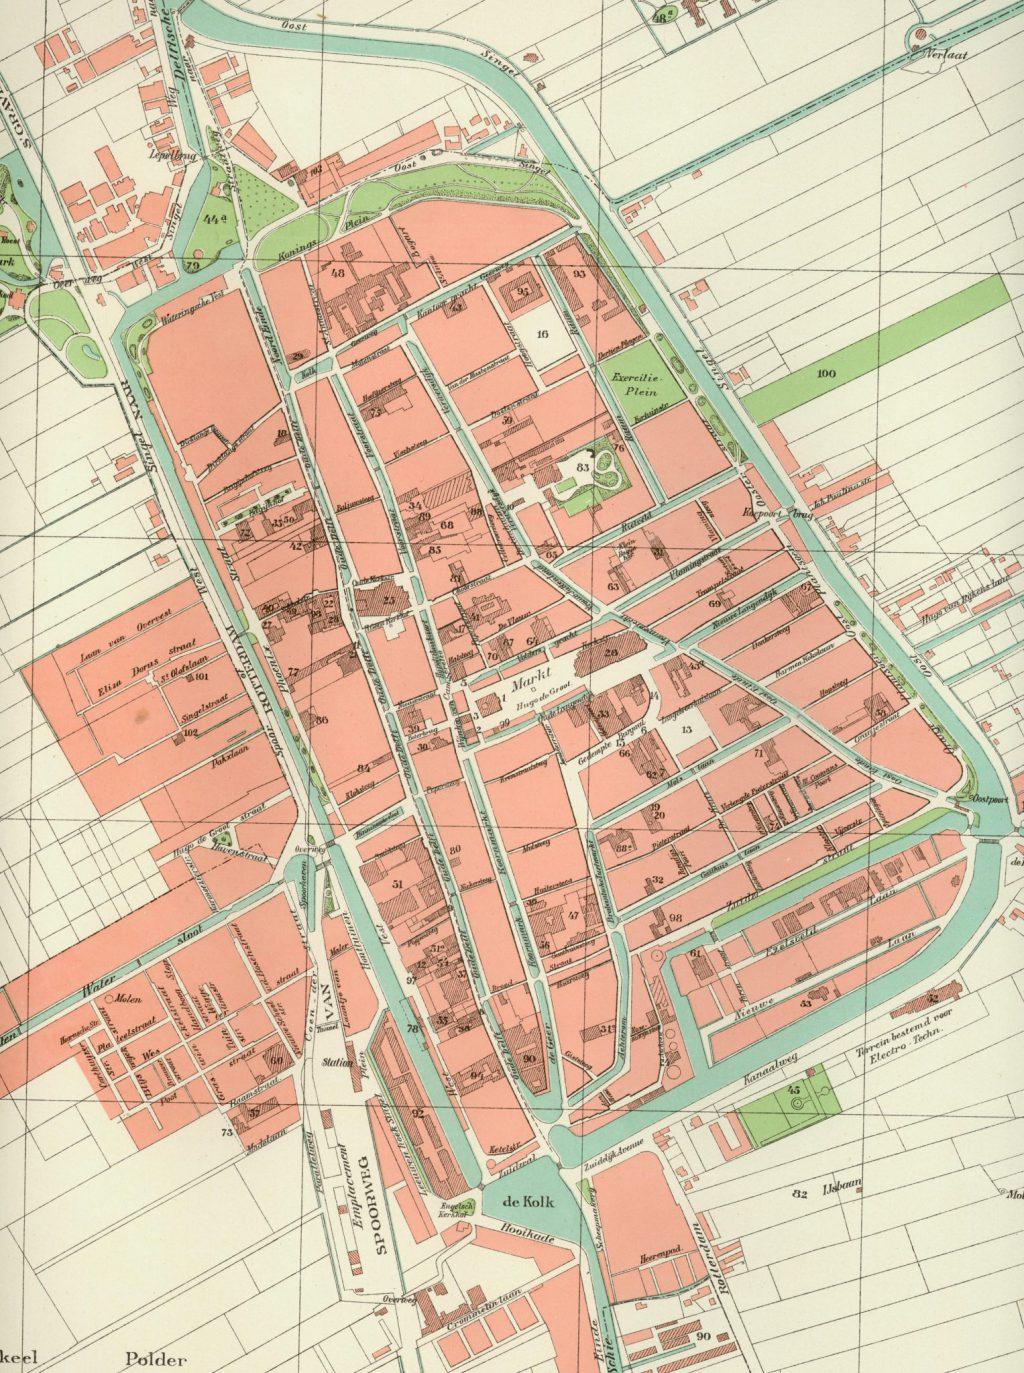 Plattegrond van Delft na aanleg van het Rijn-Schiekanaal, 1898 (TMS 4815)